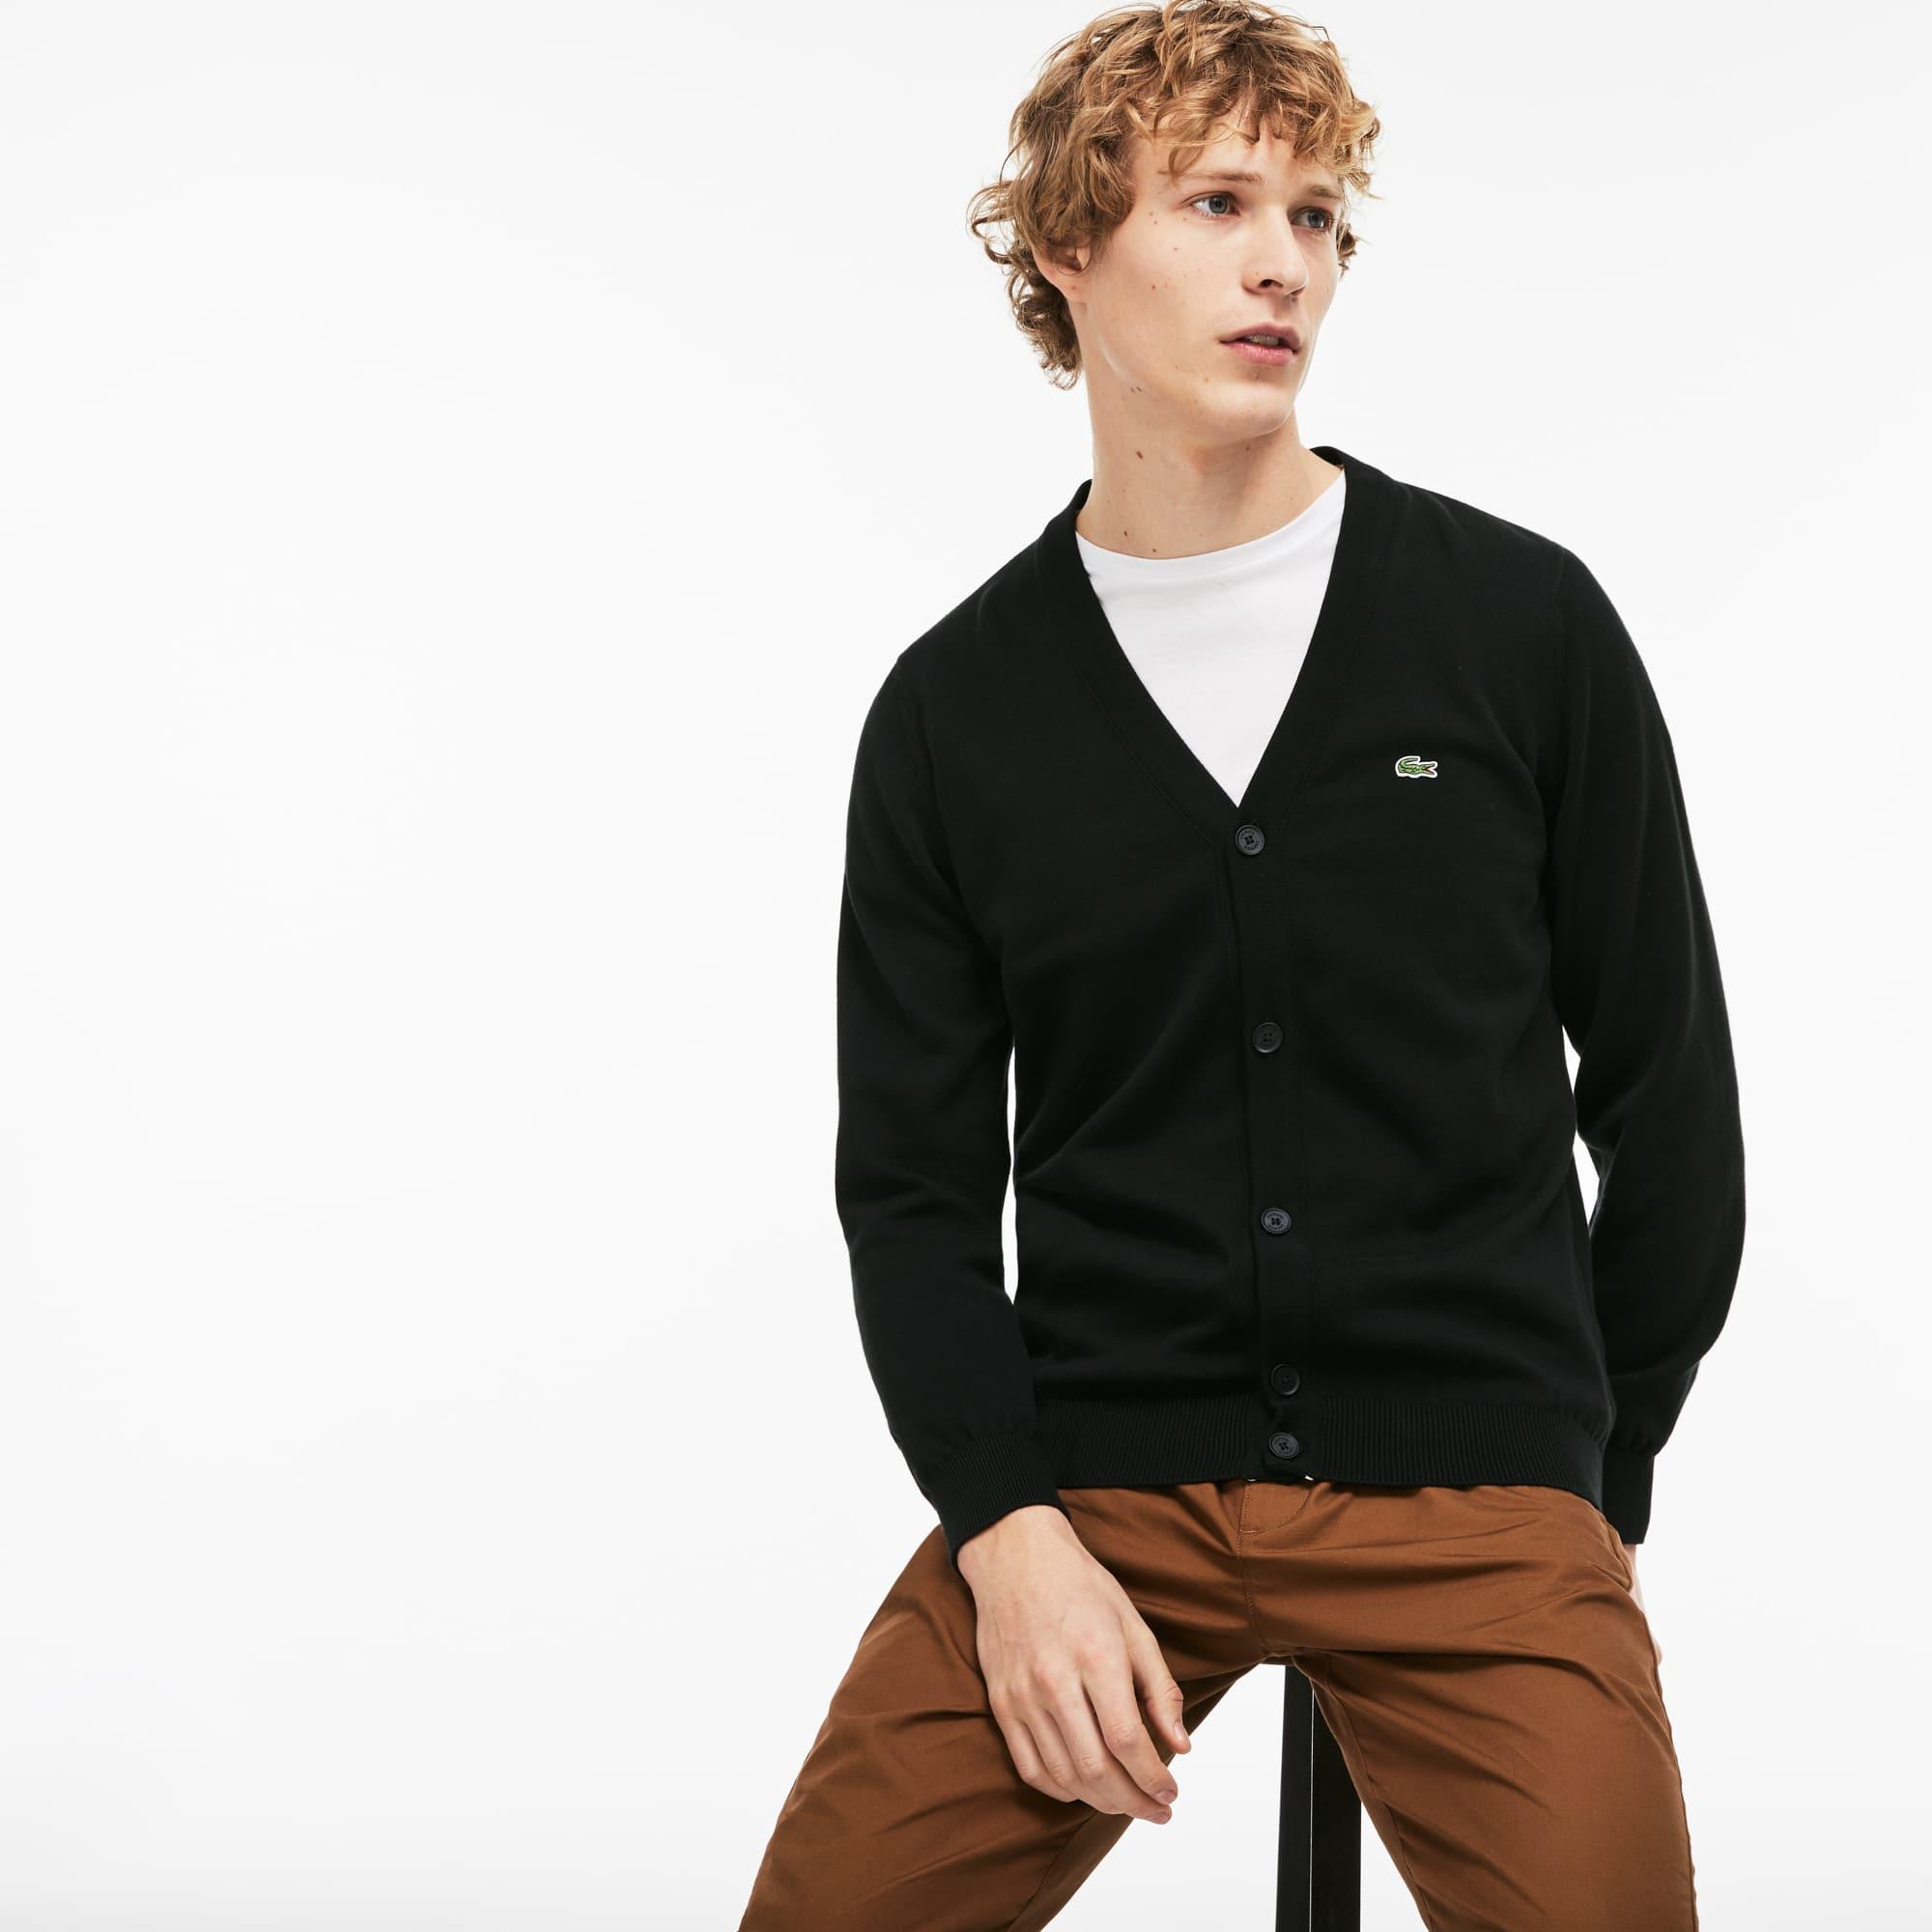 Men\u0027s Cotton Jersey Cardigan. �120.00 120.00 GBP. Colour : BLACK/FLOUR